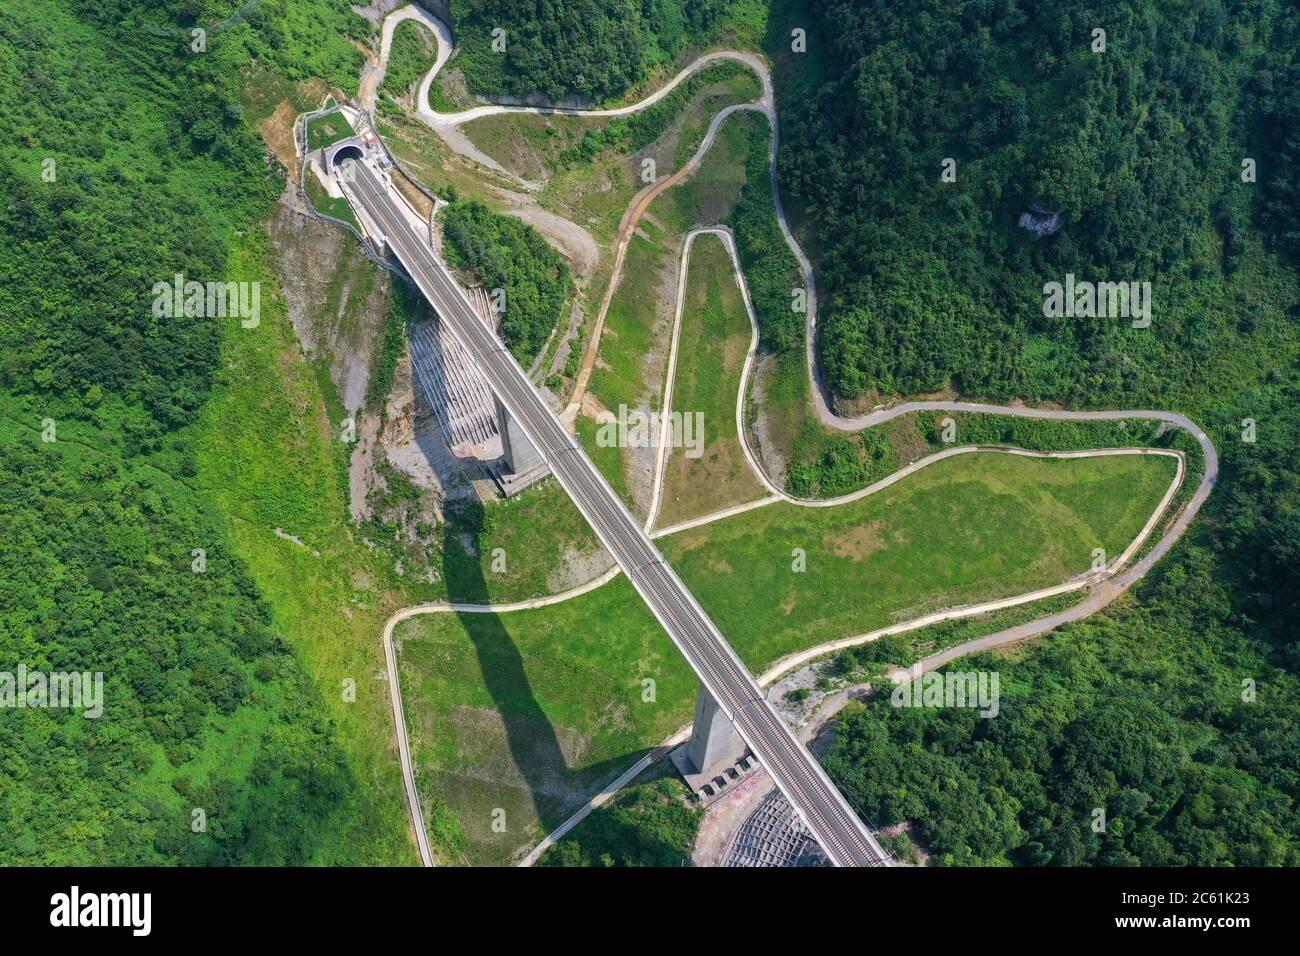 Liupanshui. 6 de julio de 2020. Foto aérea tomada el 6 de julio de 2020 muestra un puente ferroviario a lo largo del ferrocarril Anshun-Liupanshui en la provincia de Guizhou, al suroeste de China. El ferrocarril interurbano Anshun-Liupanshui, con una velocidad de 250 km por hora, está en preparación para su apertura. El ferrocarril acortará el tiempo de viaje entre Guiyang y Liupanshui de las actuales 3.5 horas a aproximadamente 1 hora, y la ciudad de Liupanshui estará completamente conectada con la red nacional de trenes de alta velocidad. Crédito: Liu Xu/Xinhua/Alamy Live News Foto de stock